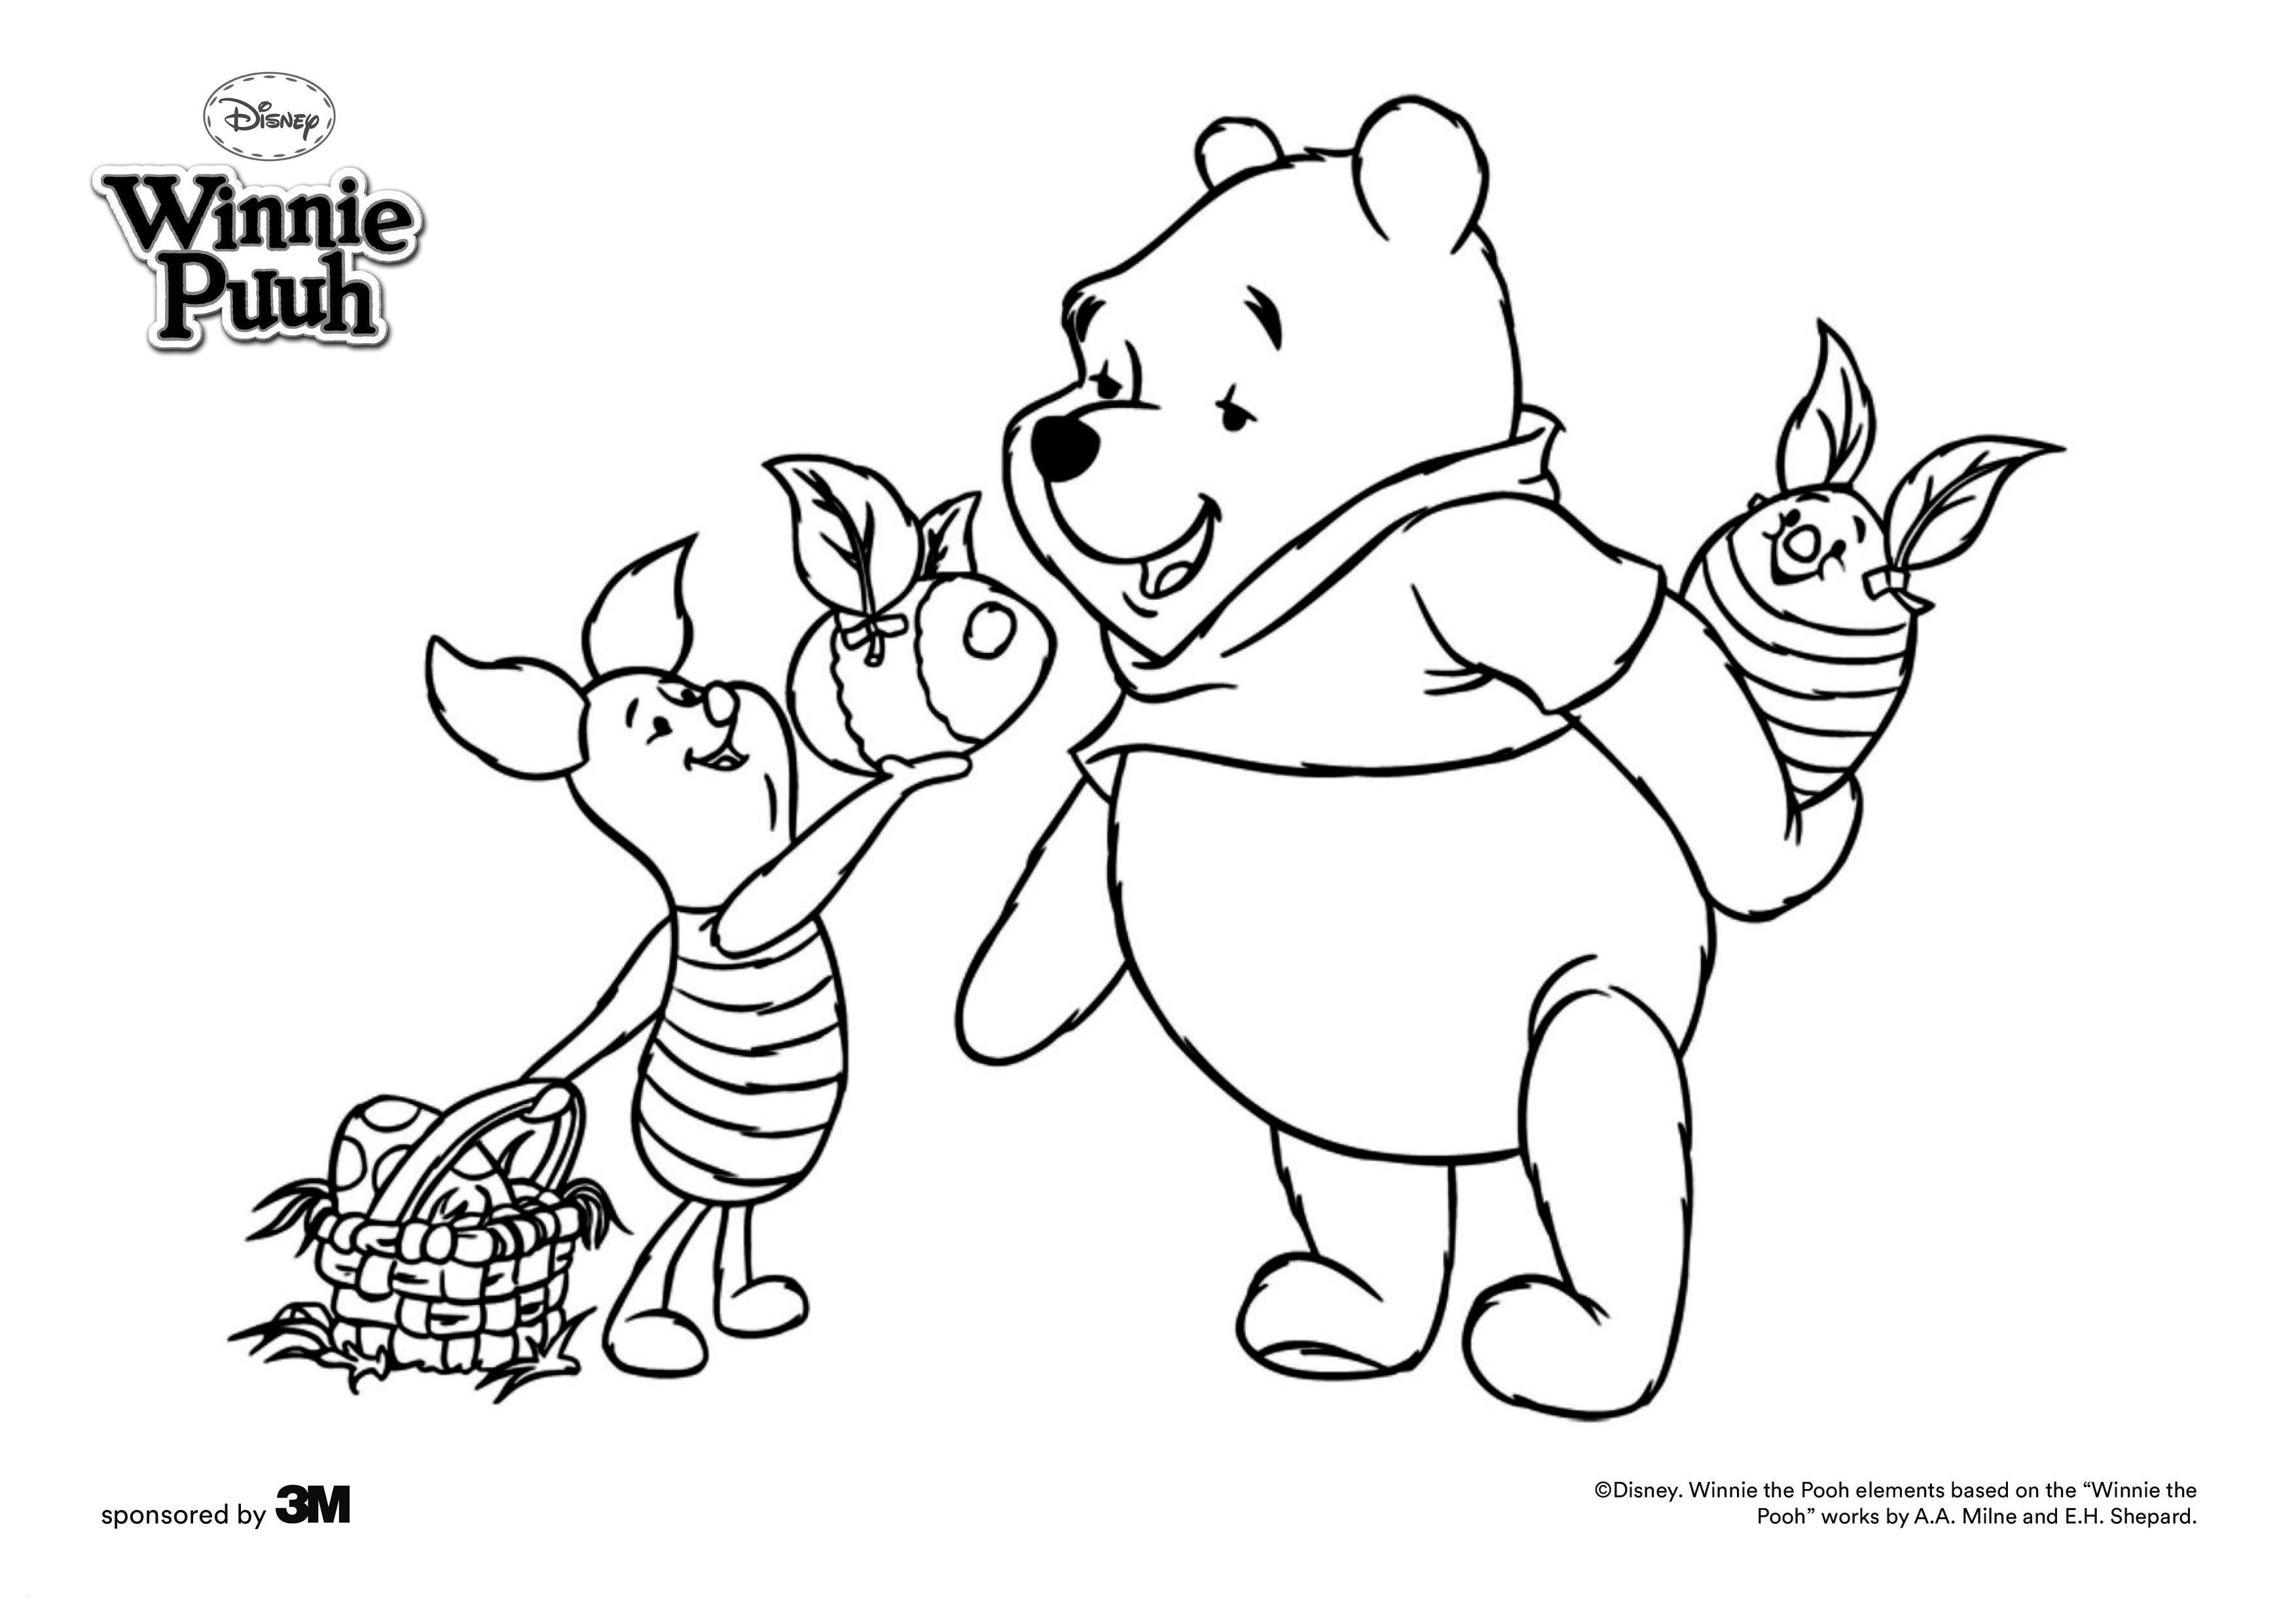 Ausmalbild Winnie Pooh Inspirierend How to Draw Sylvester the Cat Lovely Ausmalbilder Winnie Pooh Das Bild